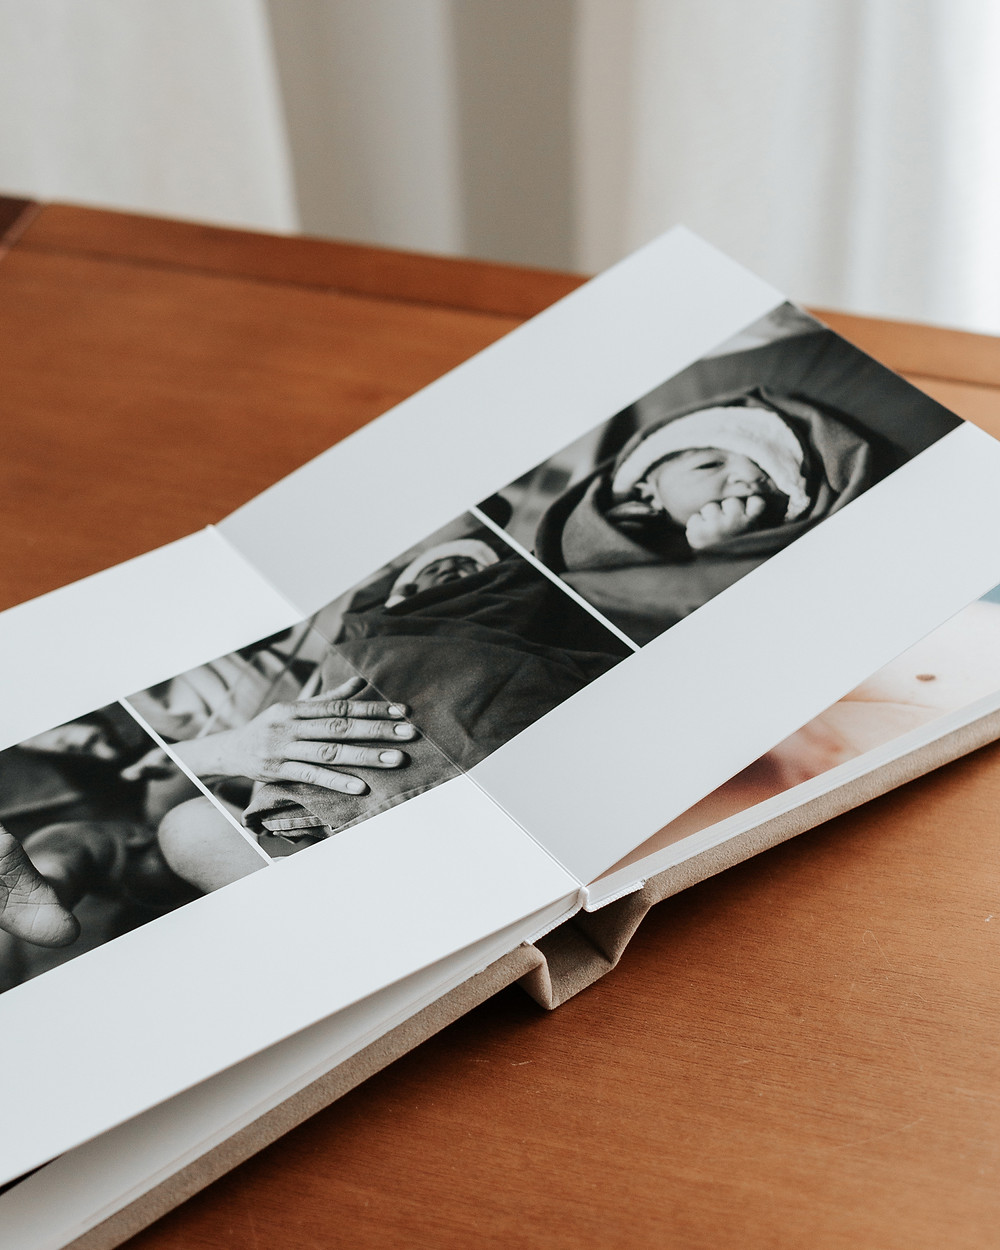 Album Impresso com 800g de gramatura, papel fotográfico resistente, capa de tecido suede e gravação a laser. Diagramação minimalista. Babuska Fotografia.